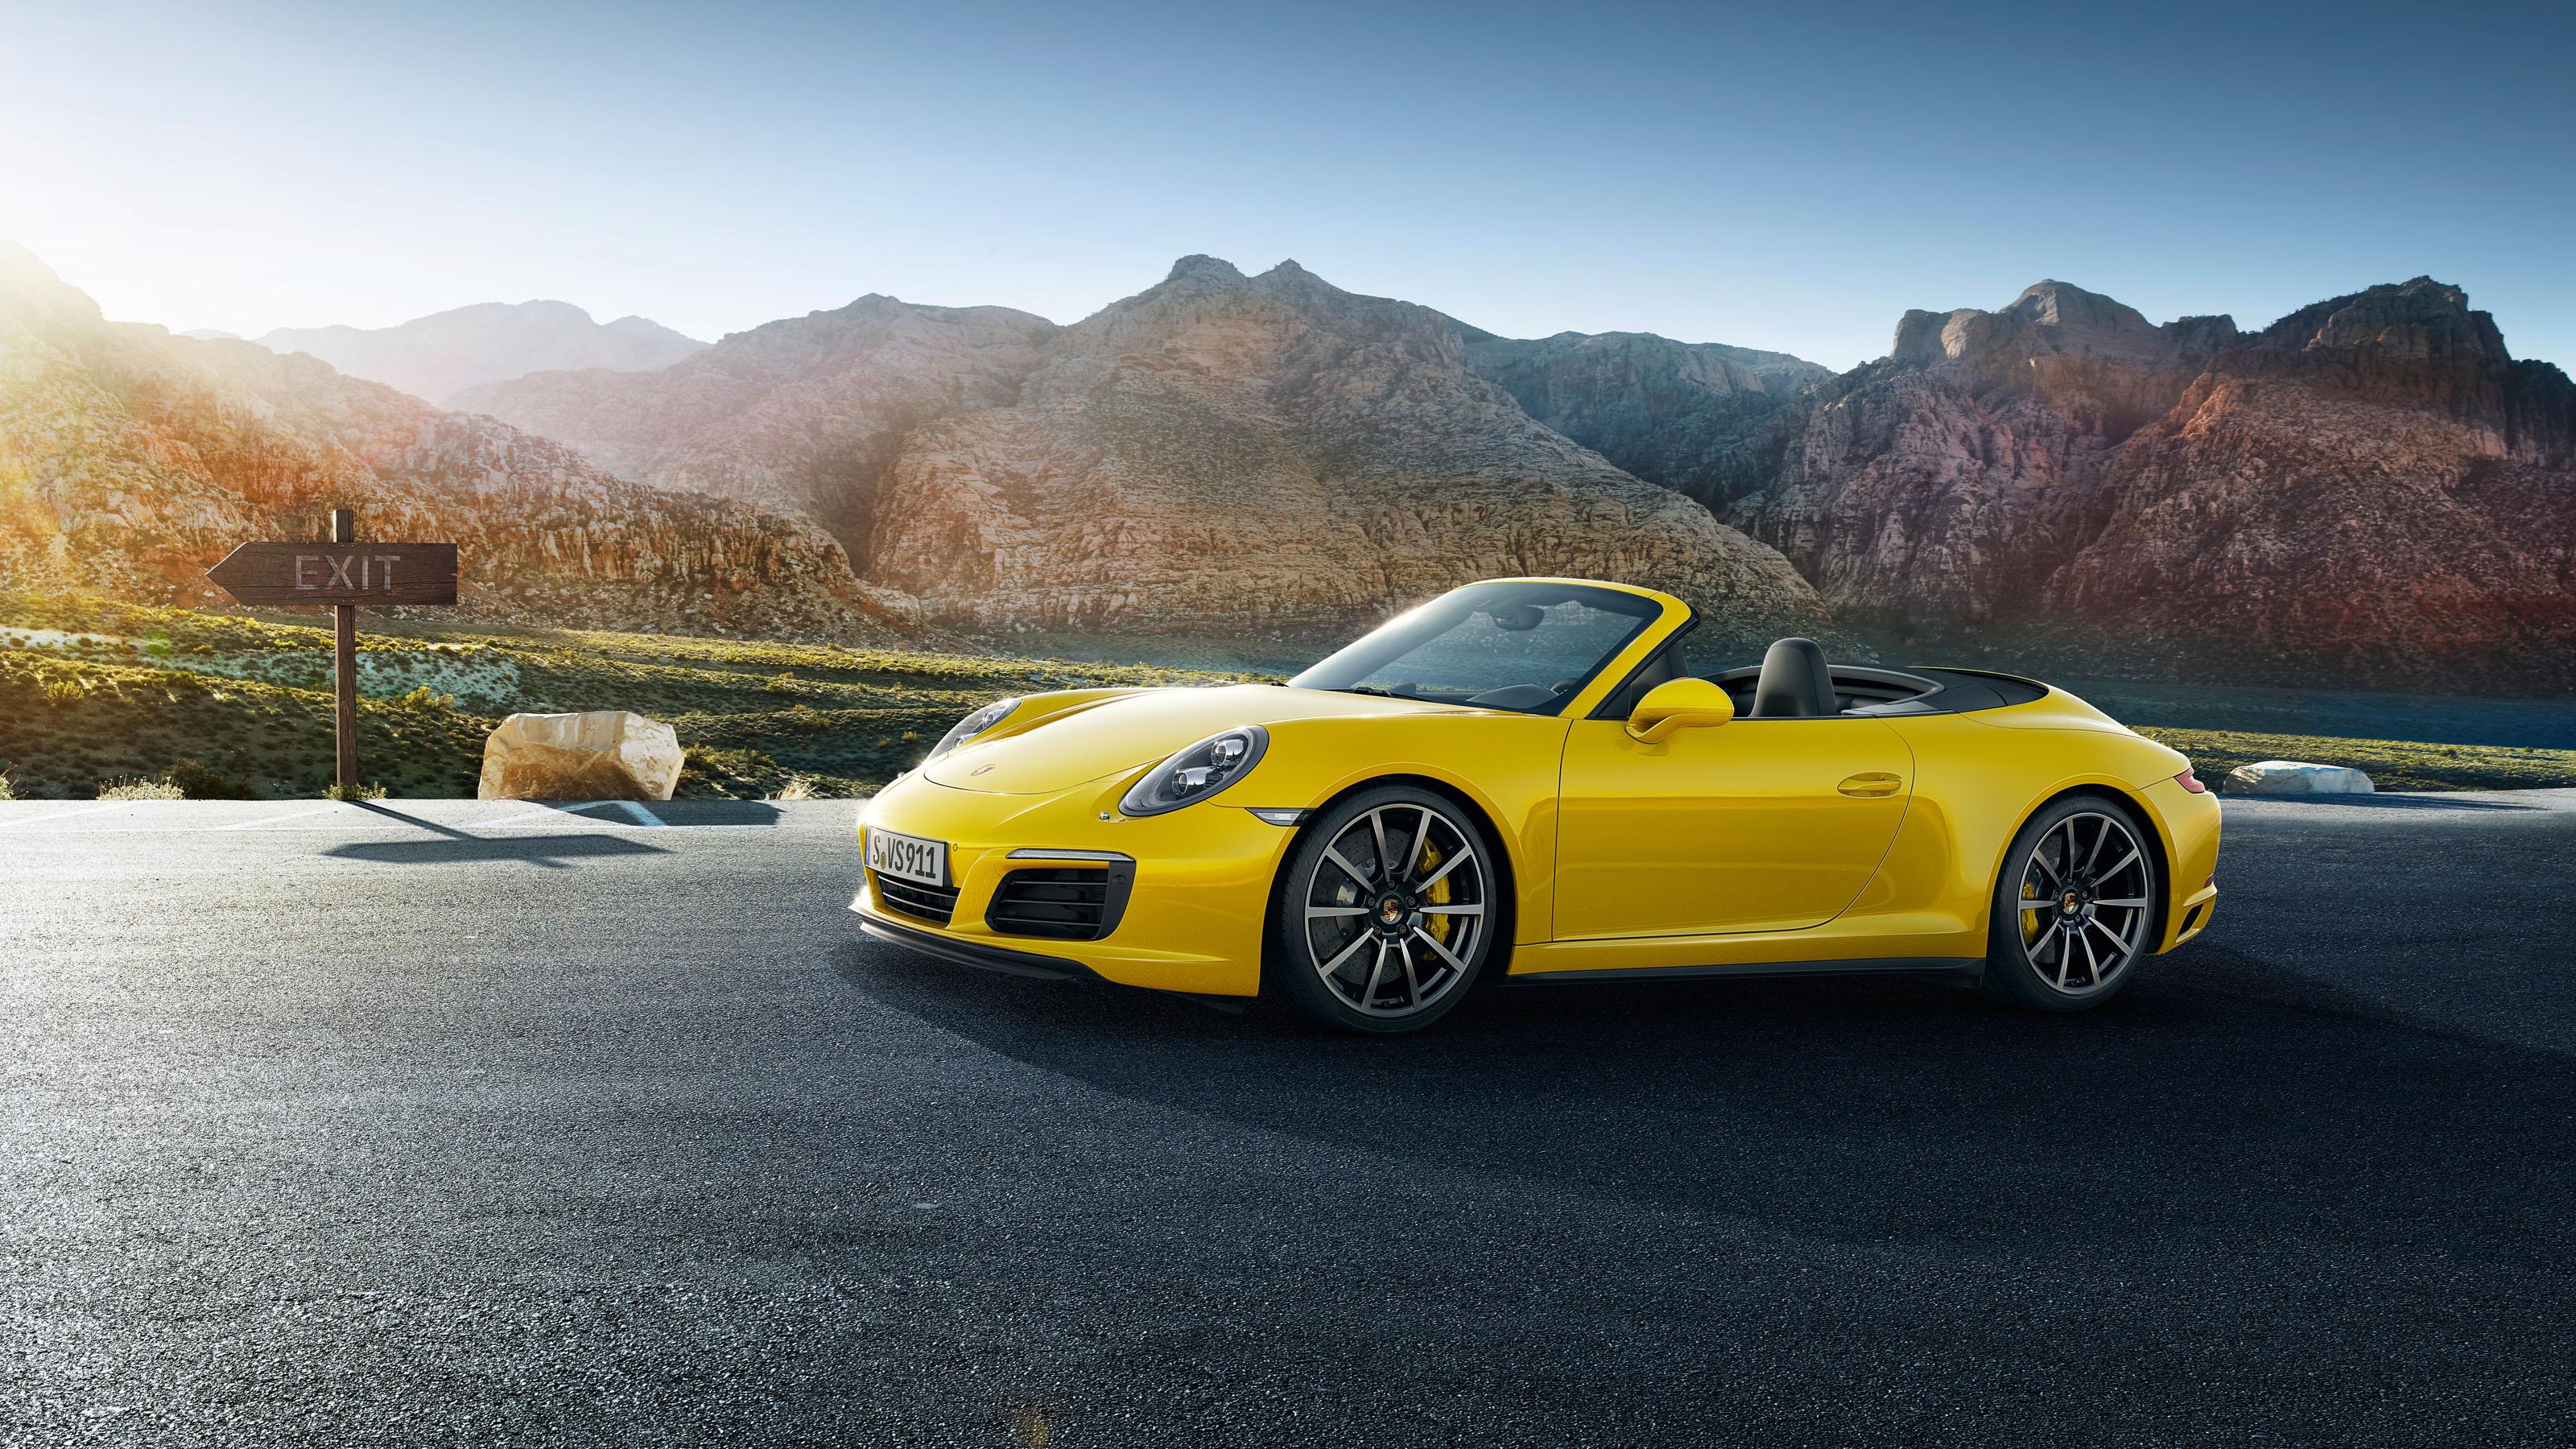 Fondos De Pantalla Carreras Proibidas: Porsche 911 Carrera Fondo De Pantalla HD